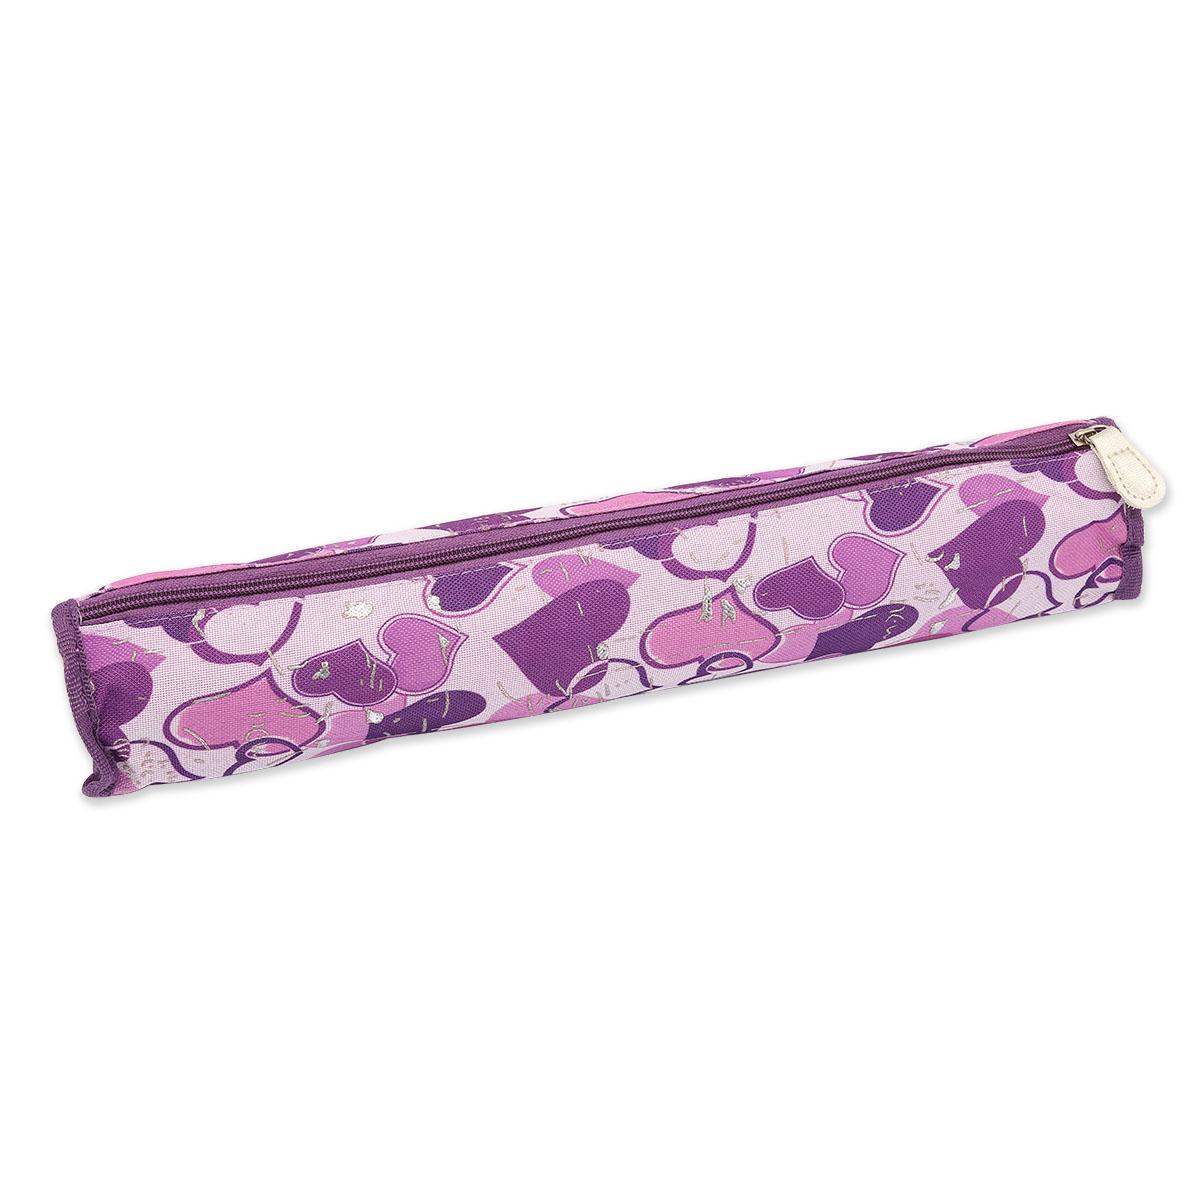 890501 Футляр для хранения вязальных принадлежностей, лиловый, 40*6 см, Hobby&Pro